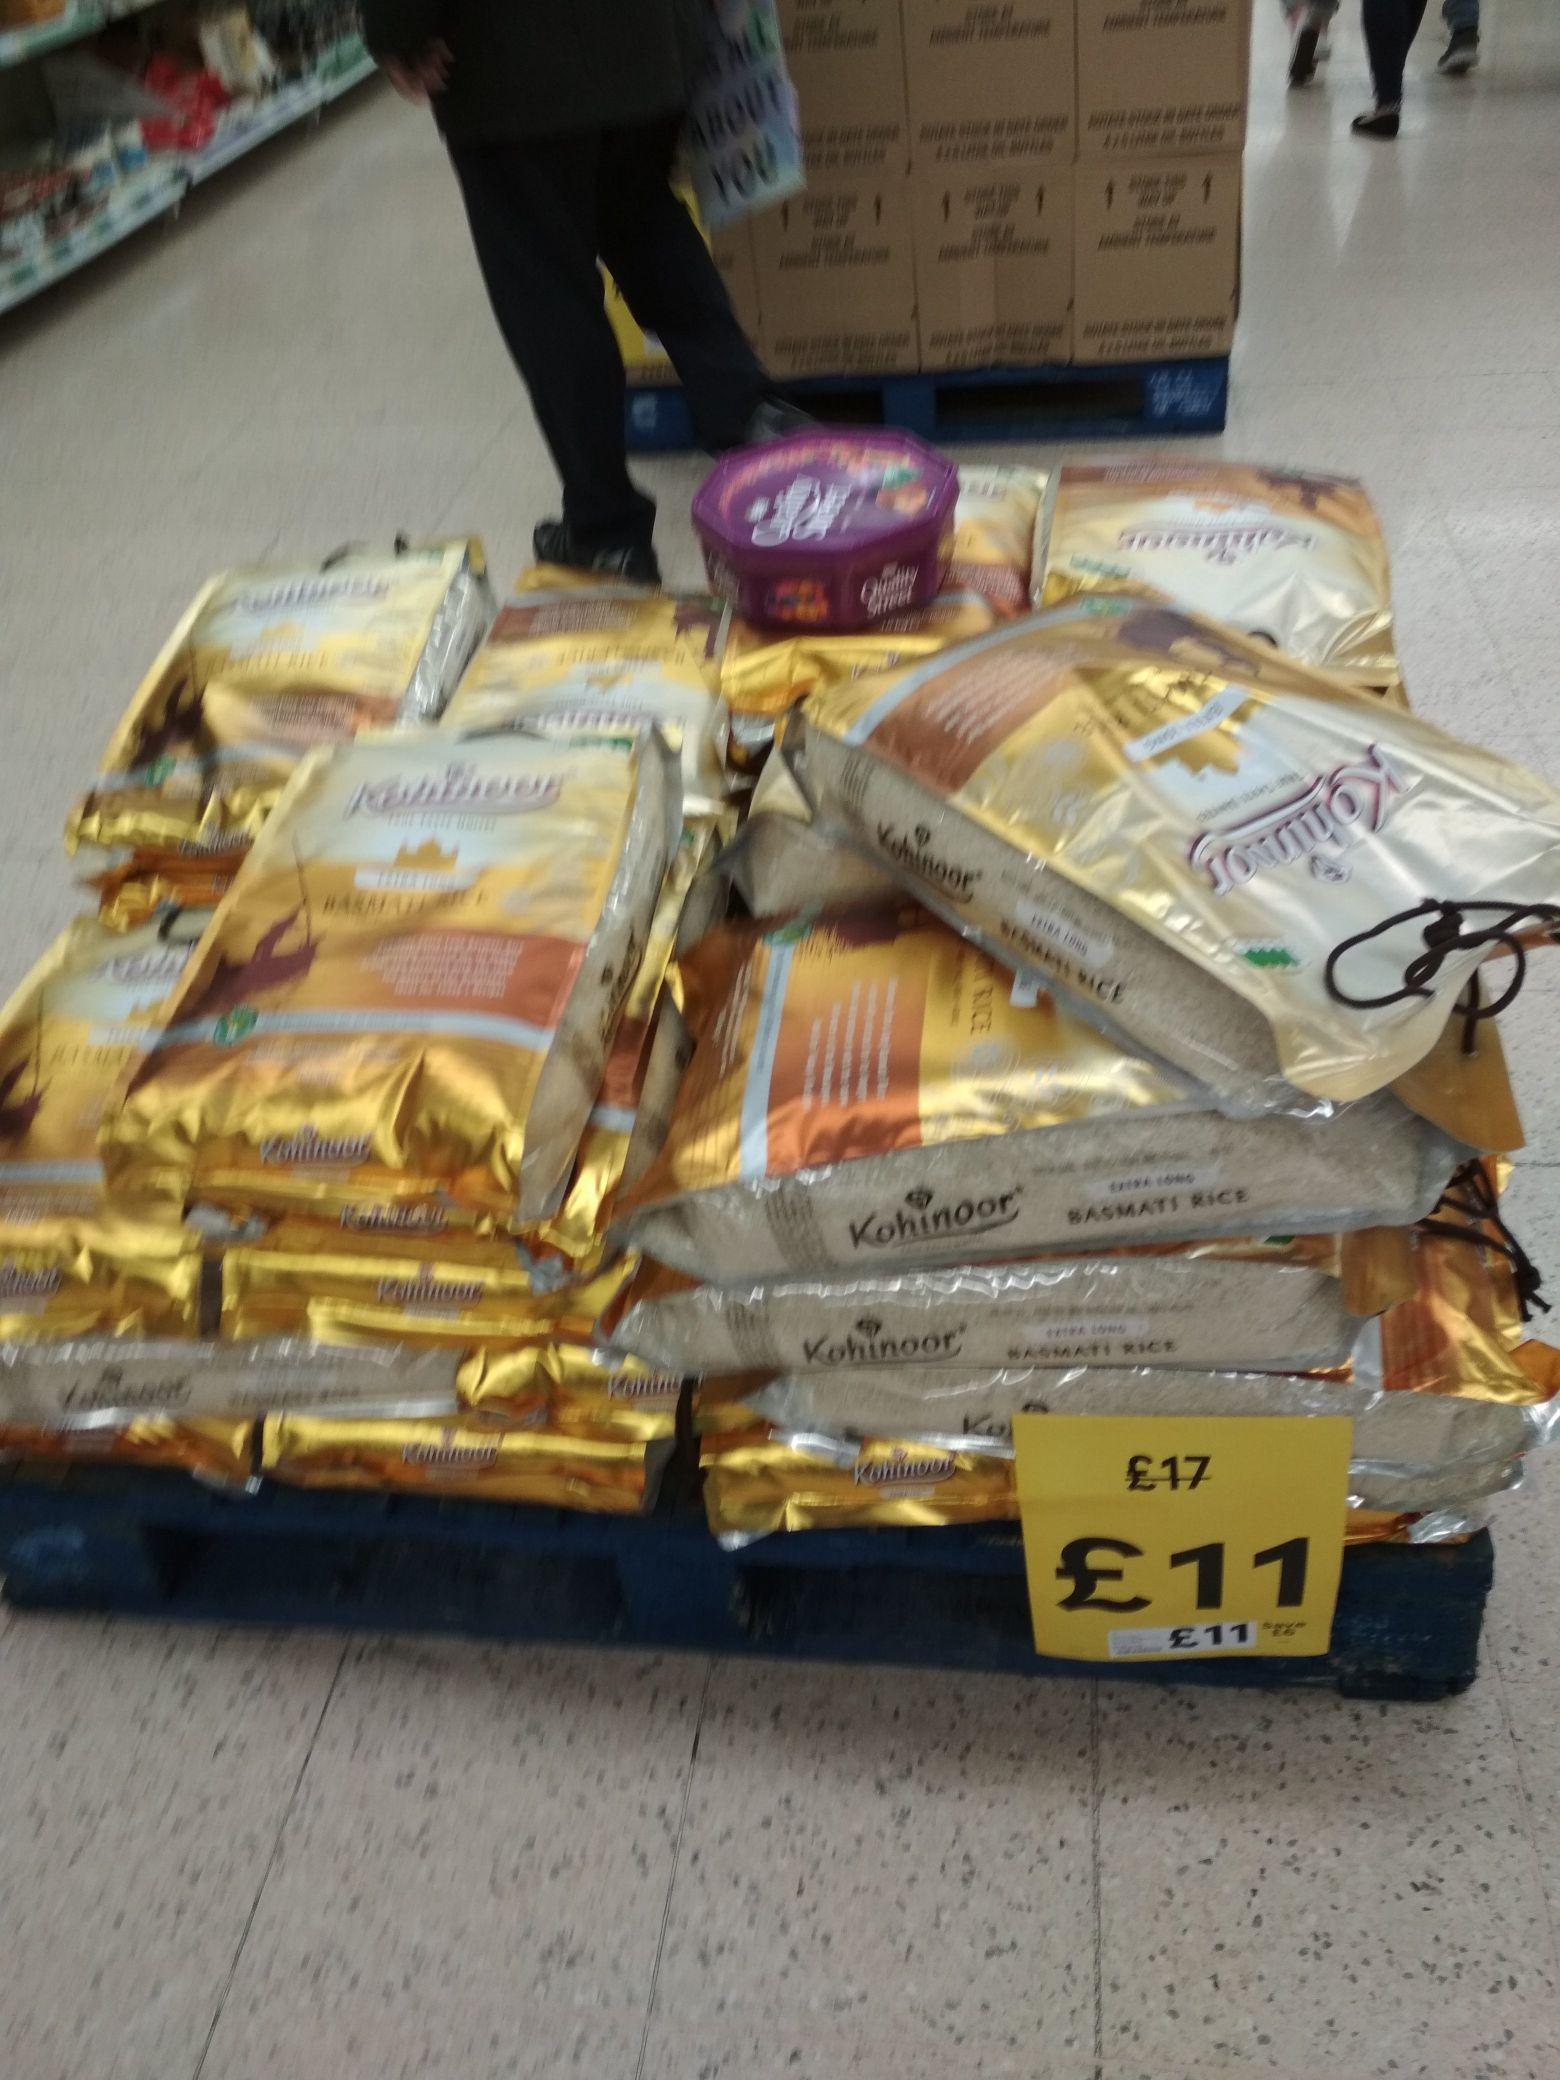 Kohinoor basmati rice (10kg) for £11 instore / online @ Tesco